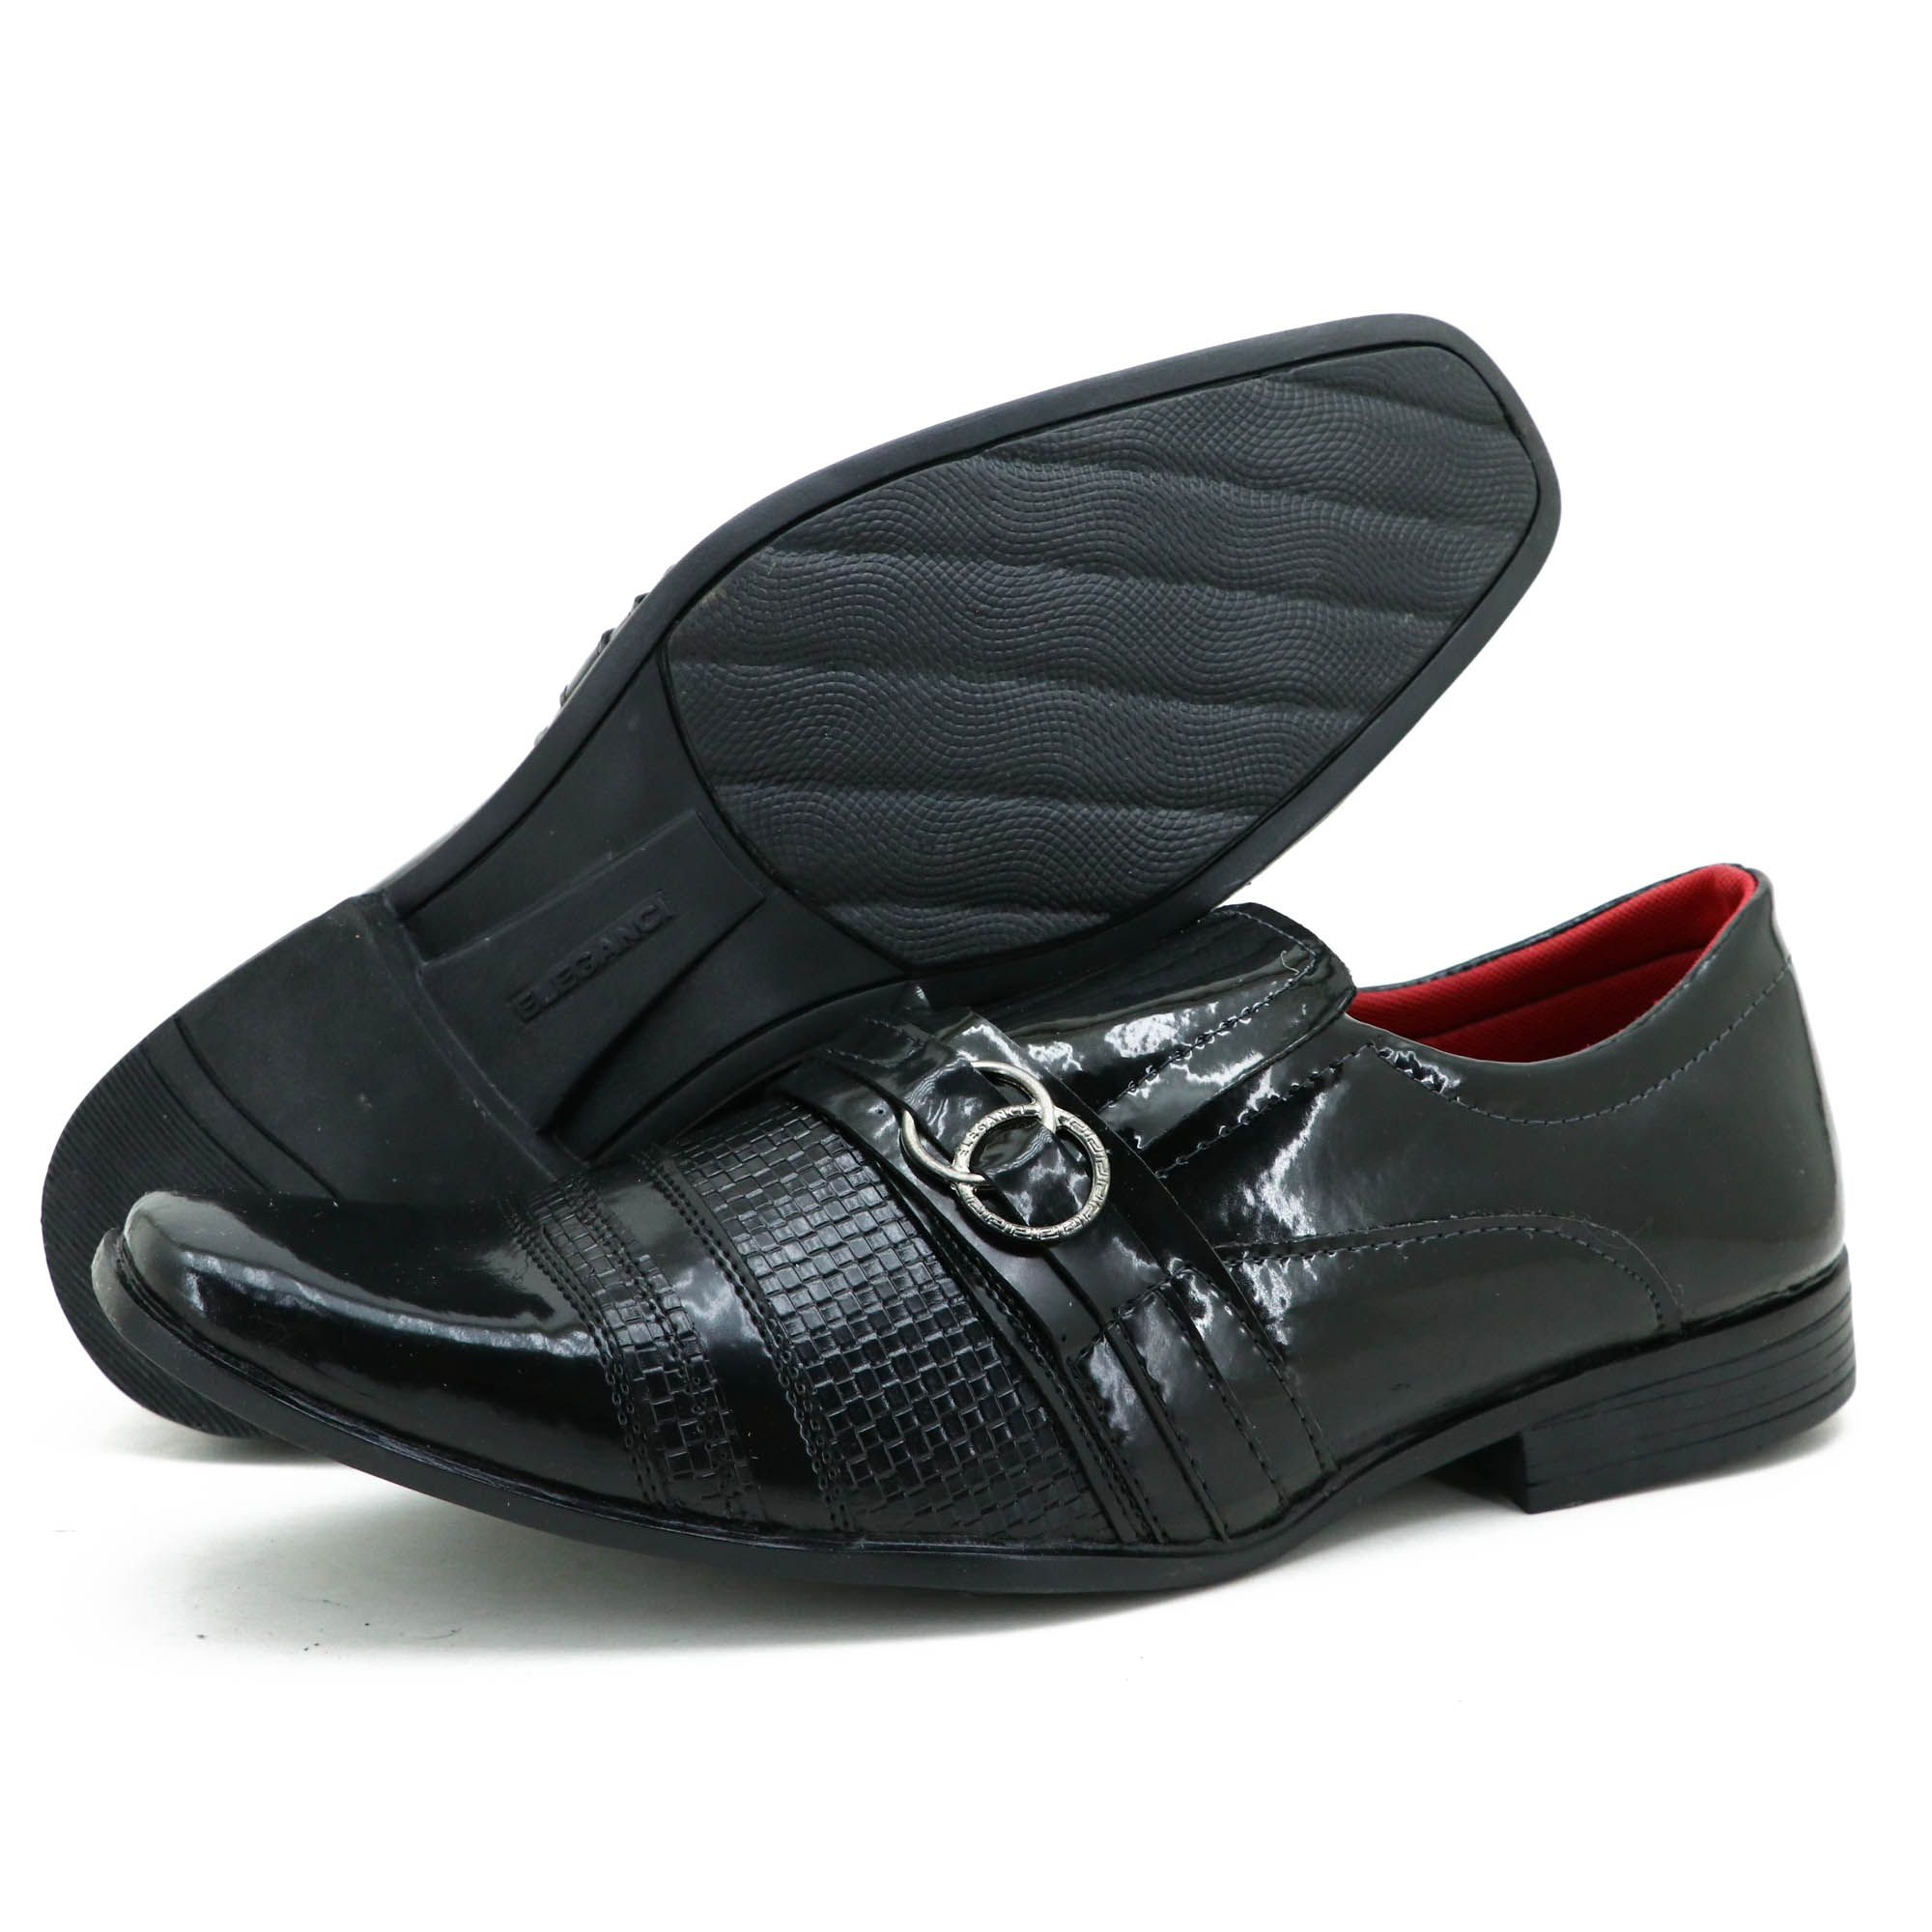 Sapato de couro técnologico na cor preta luxury 5012